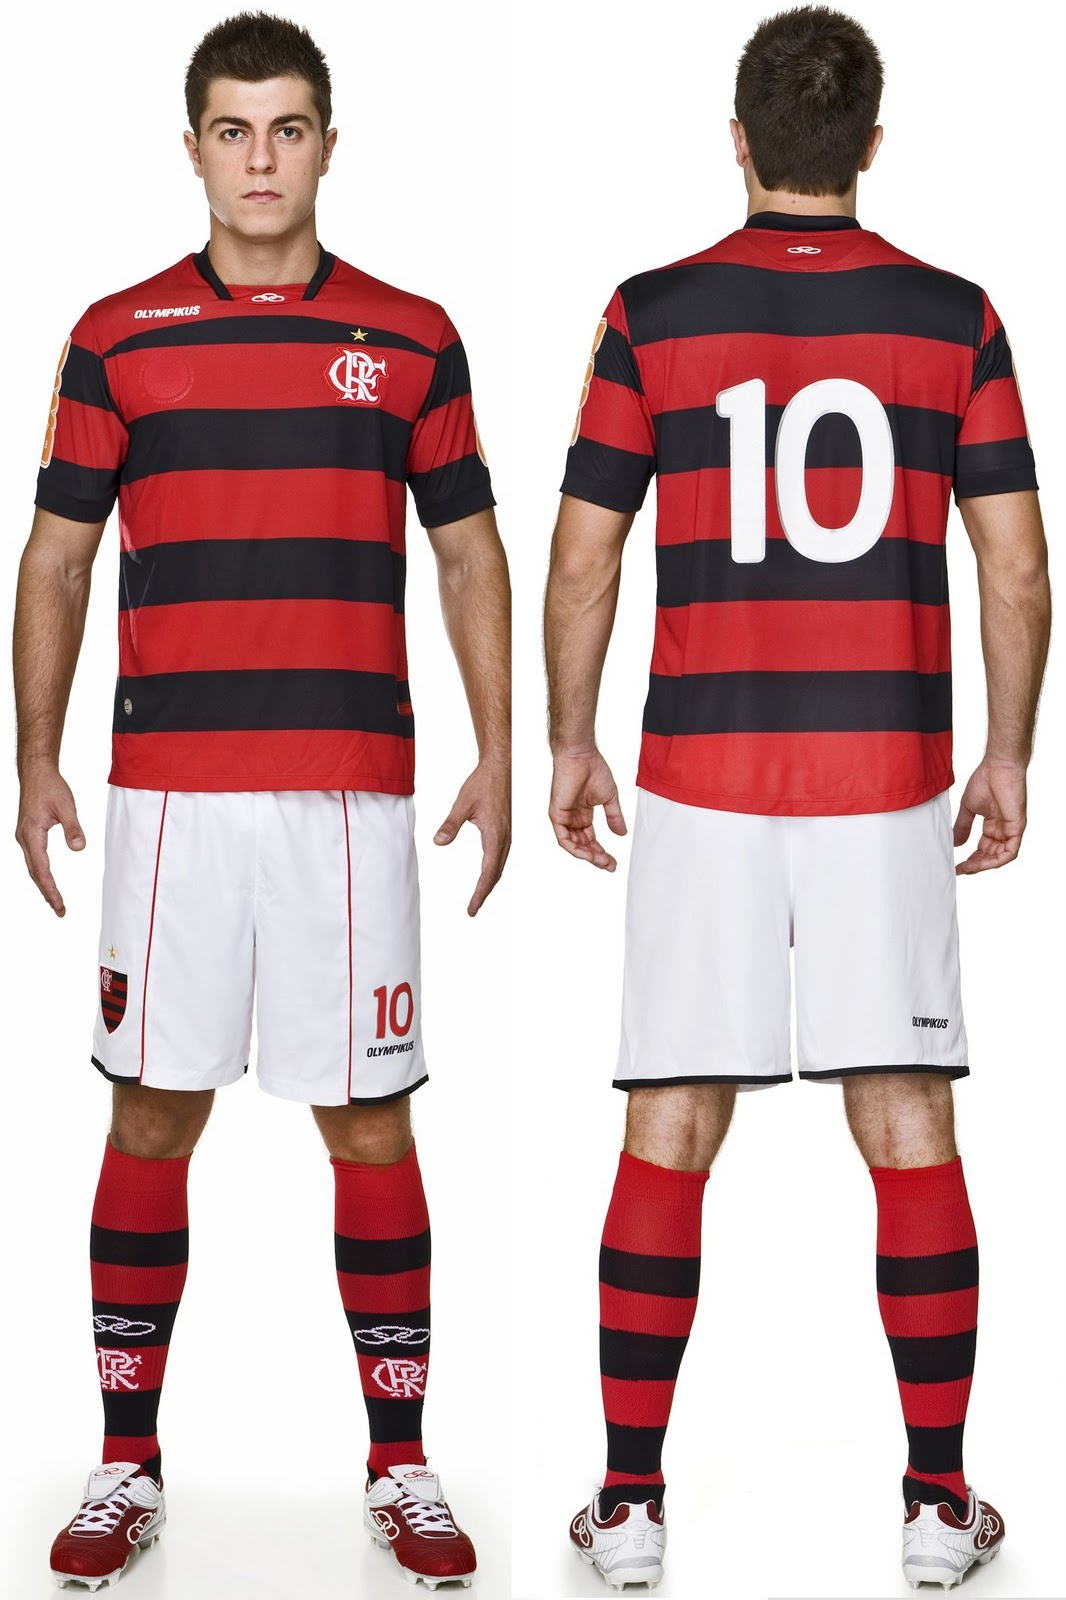 Olympikus apresenta as novas camisas do Flamengo - Show de Camisas 3eab52fa743ef